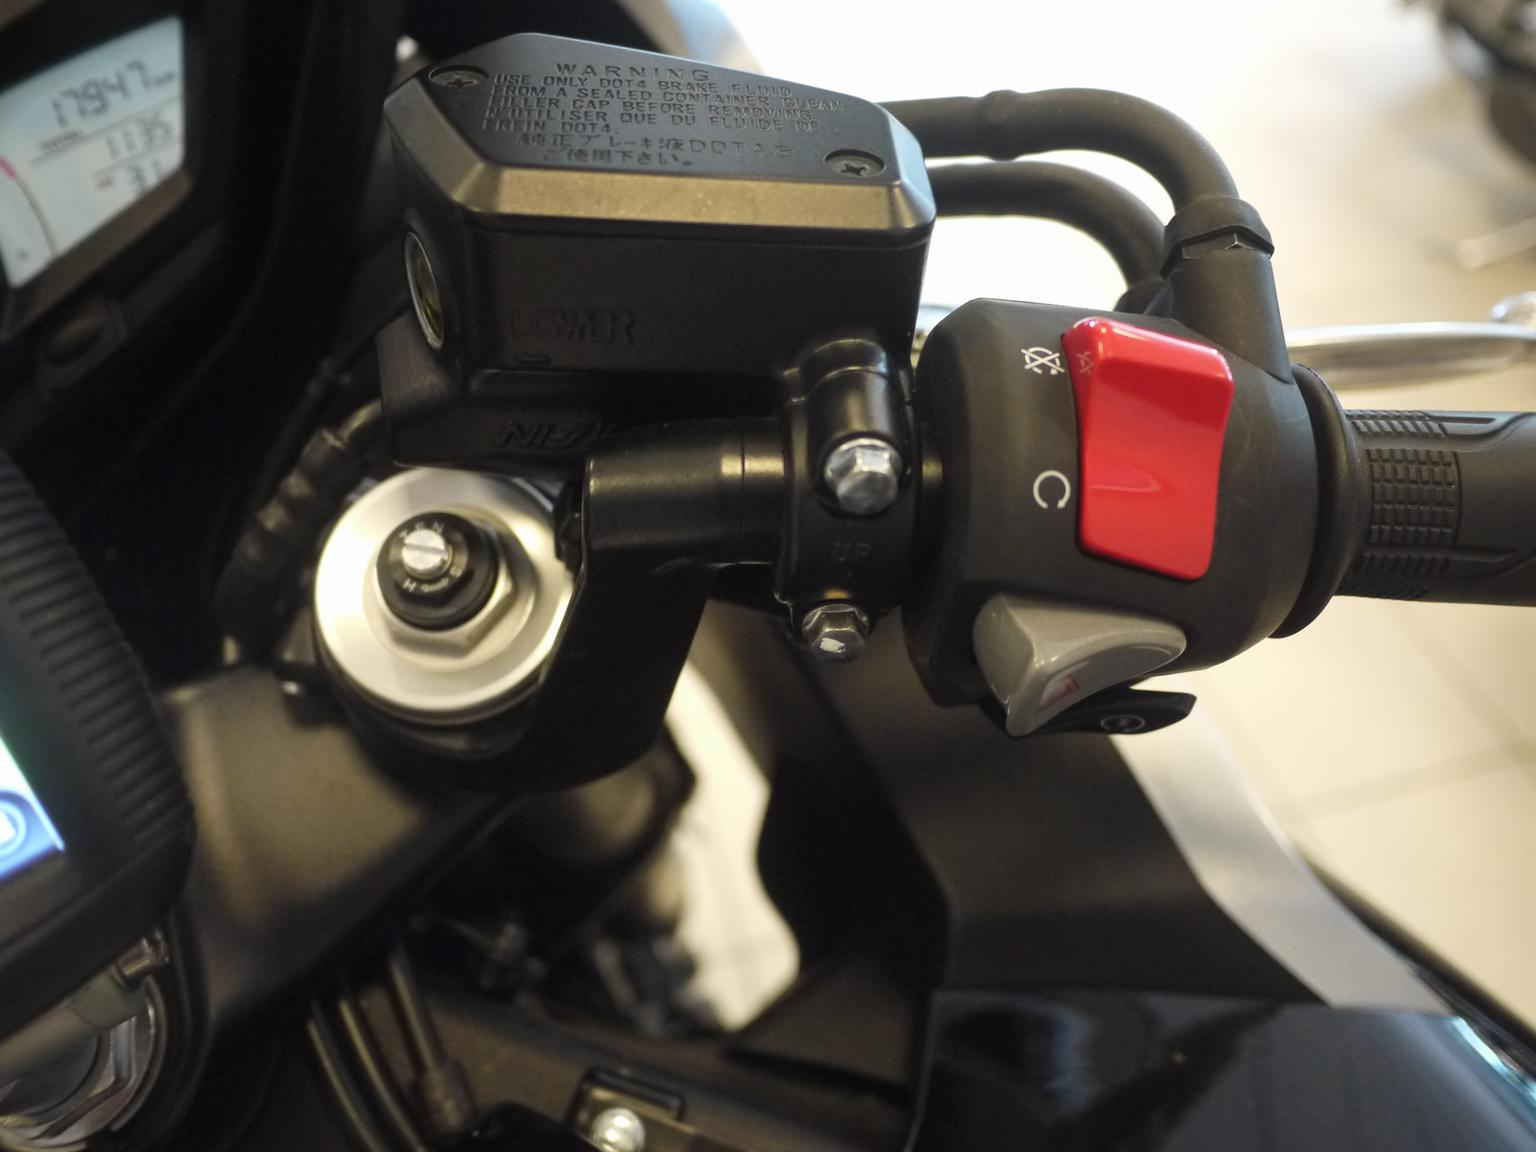 HONDA - VFR 1200 F ABS